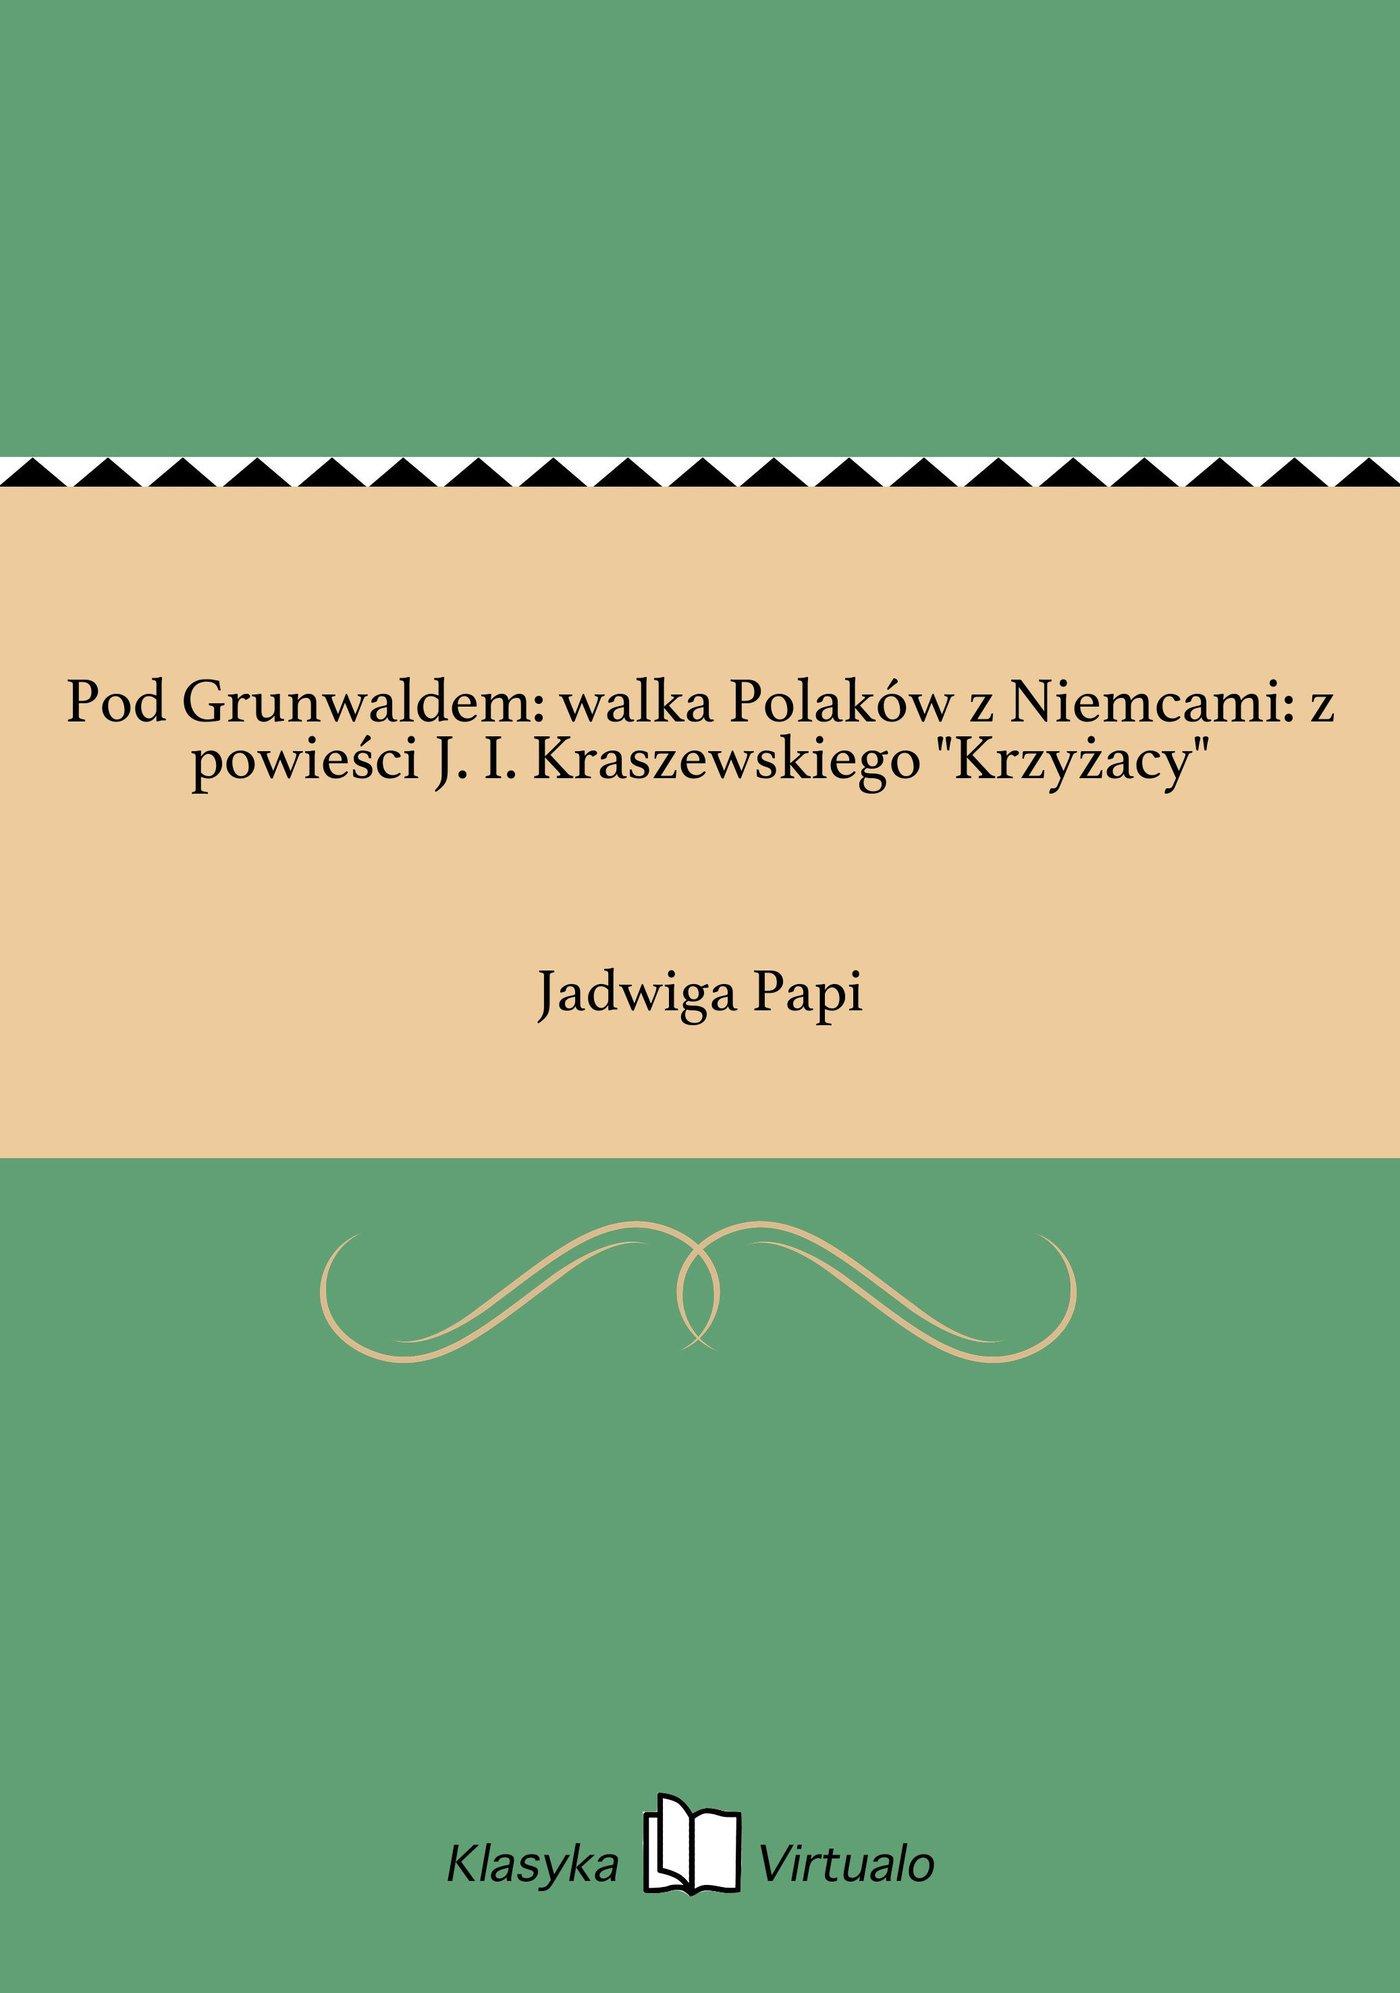 """Pod Grunwaldem: walka Polaków z Niemcami: z powieści J. I. Kraszewskiego """"Krzyżacy"""" - Ebook (Książka EPUB) do pobrania w formacie EPUB"""